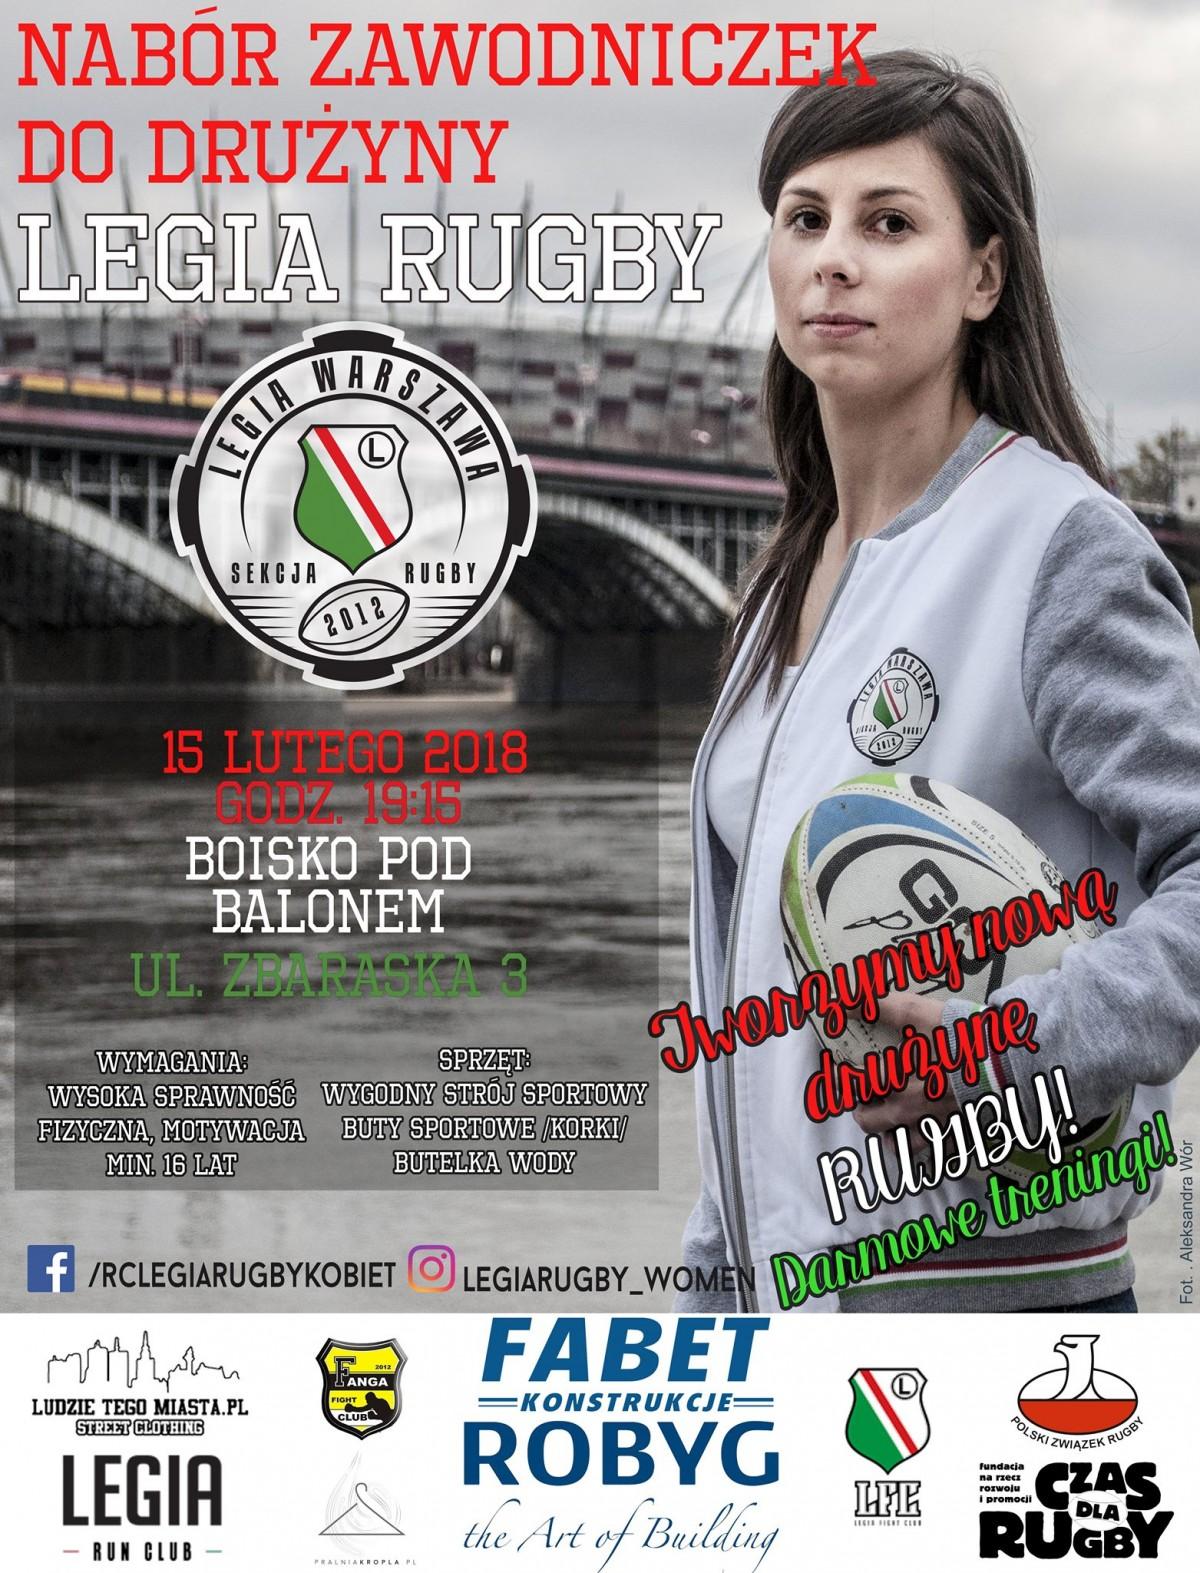 fot. Legia Rugby